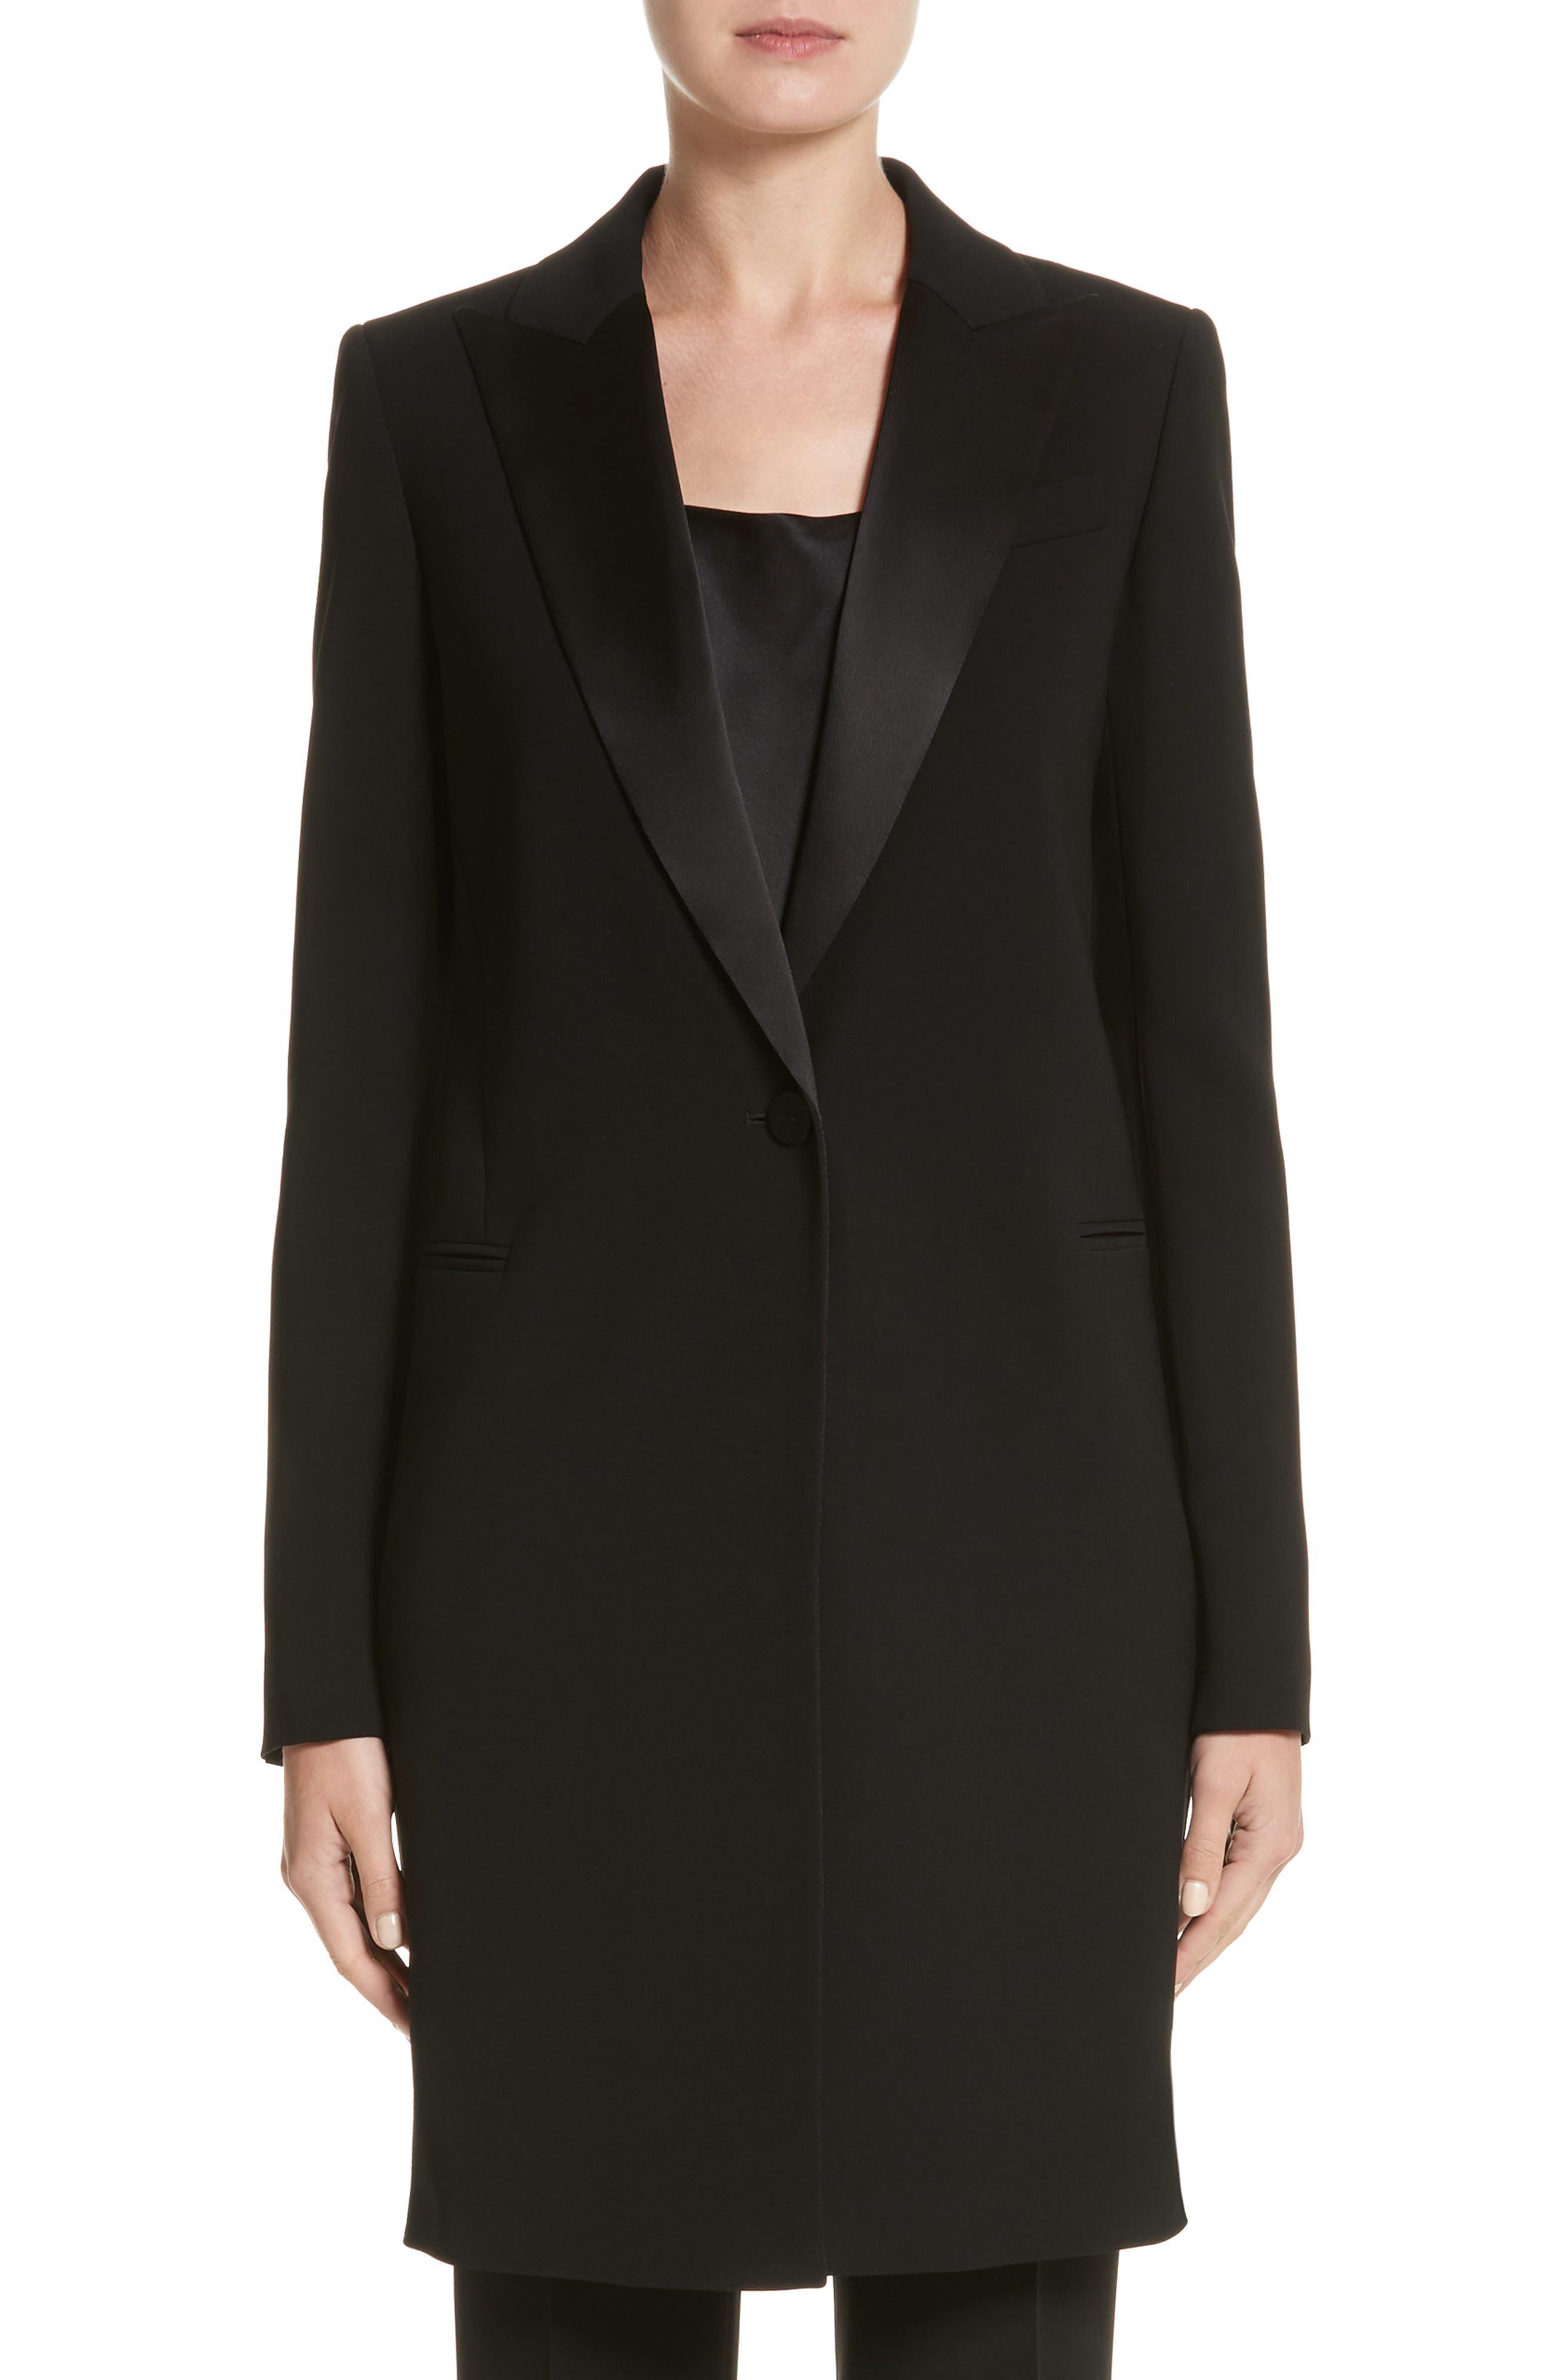 Main Image - Lafayette 148 New York Satin Lapel Tuxedo Jacket